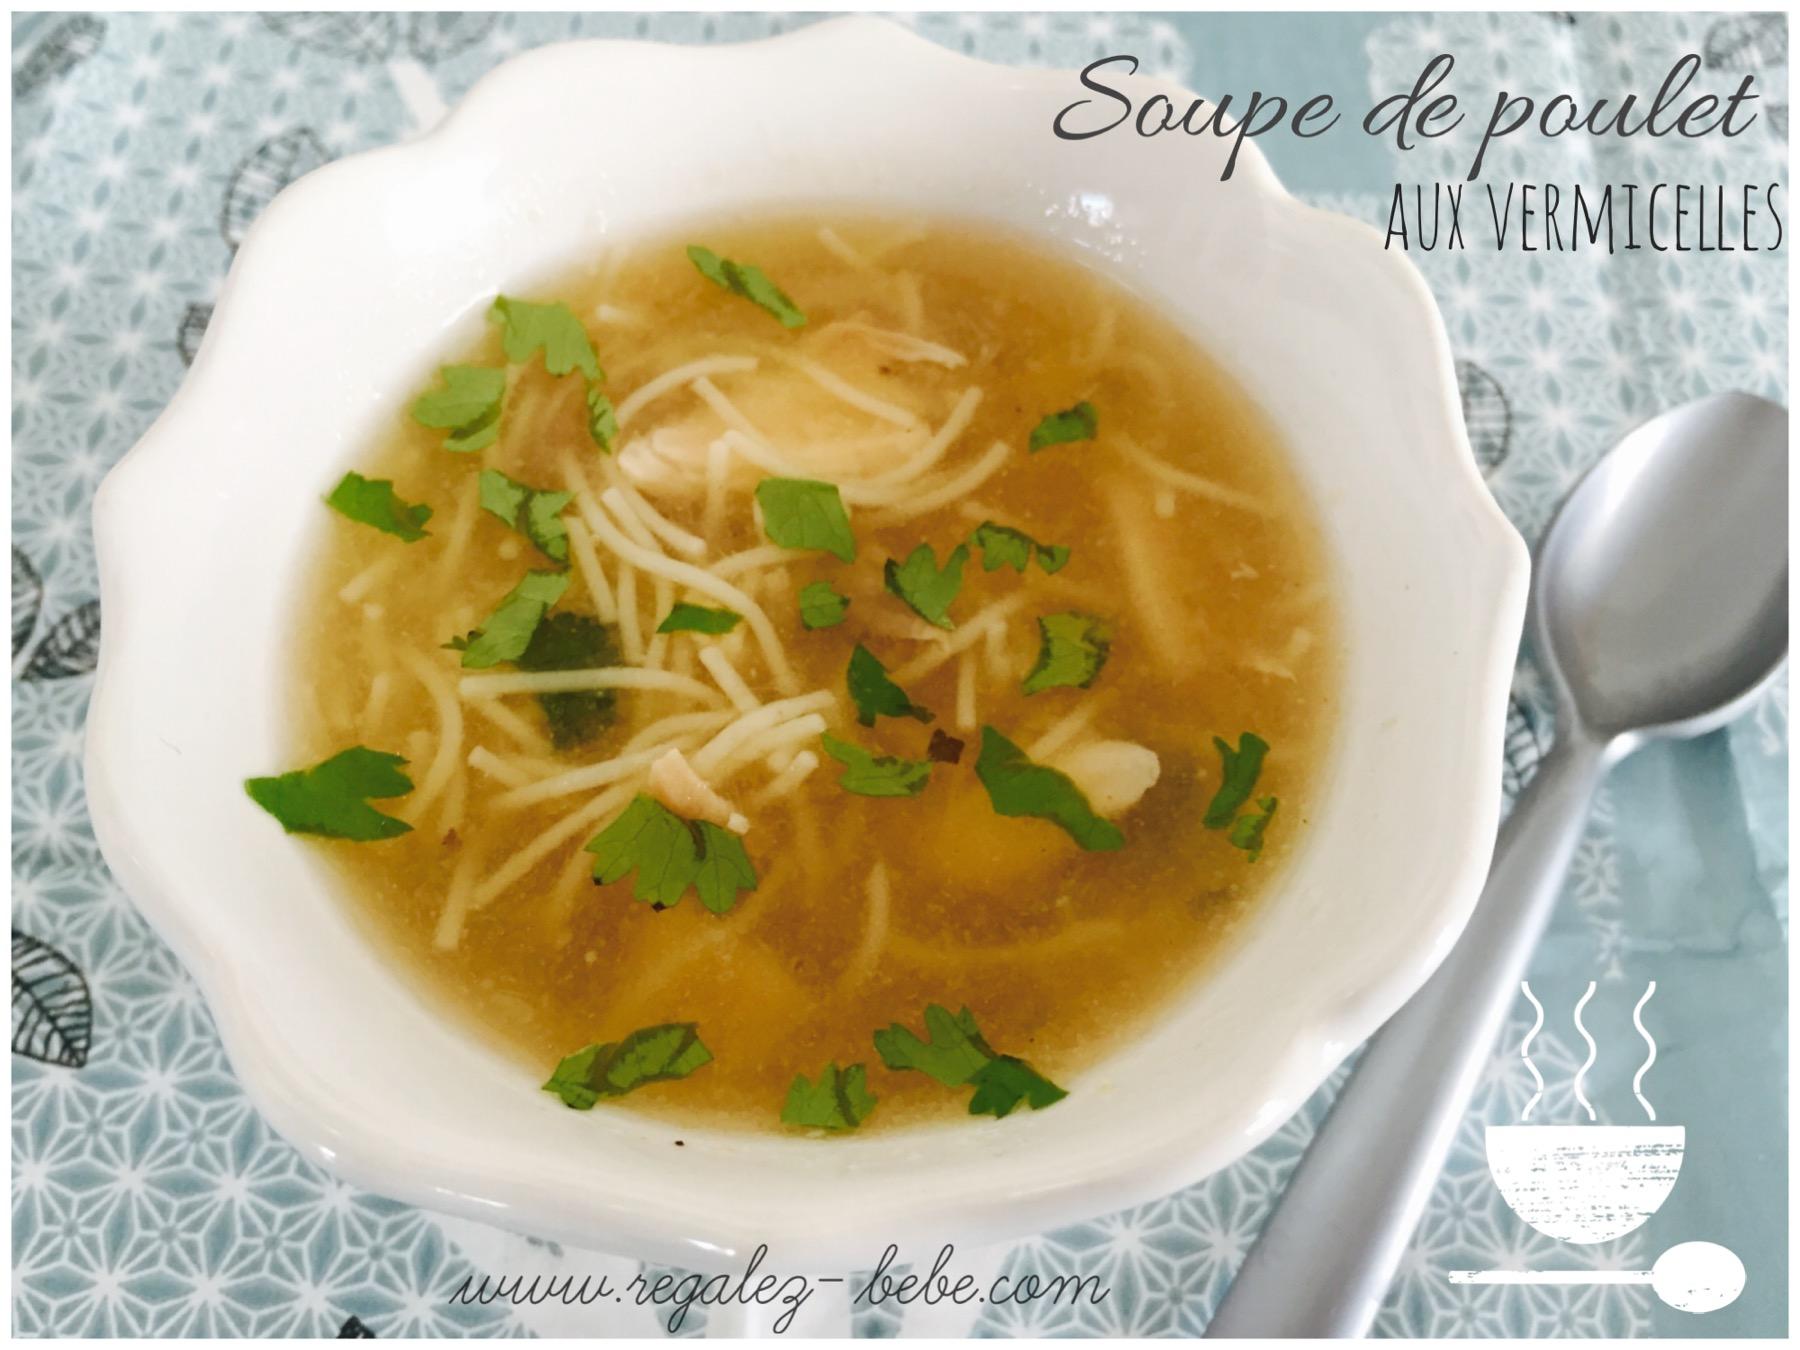 soupe de poulet aux vermicelles une recette de r 233 galez b 233 b 233